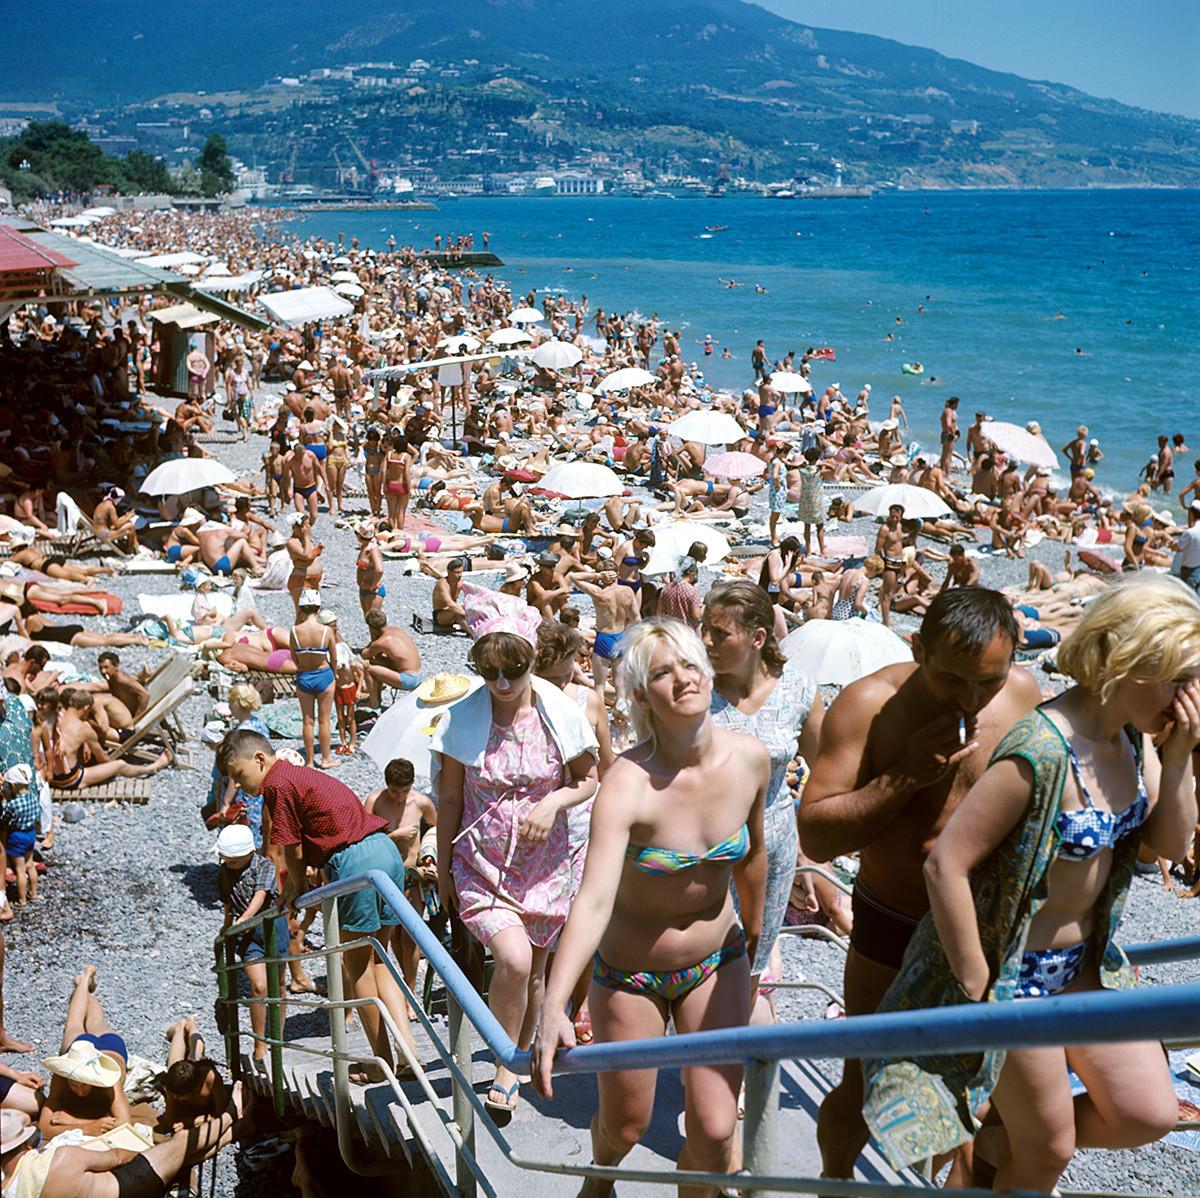 Градска плажа, Јалта, 1969 година.